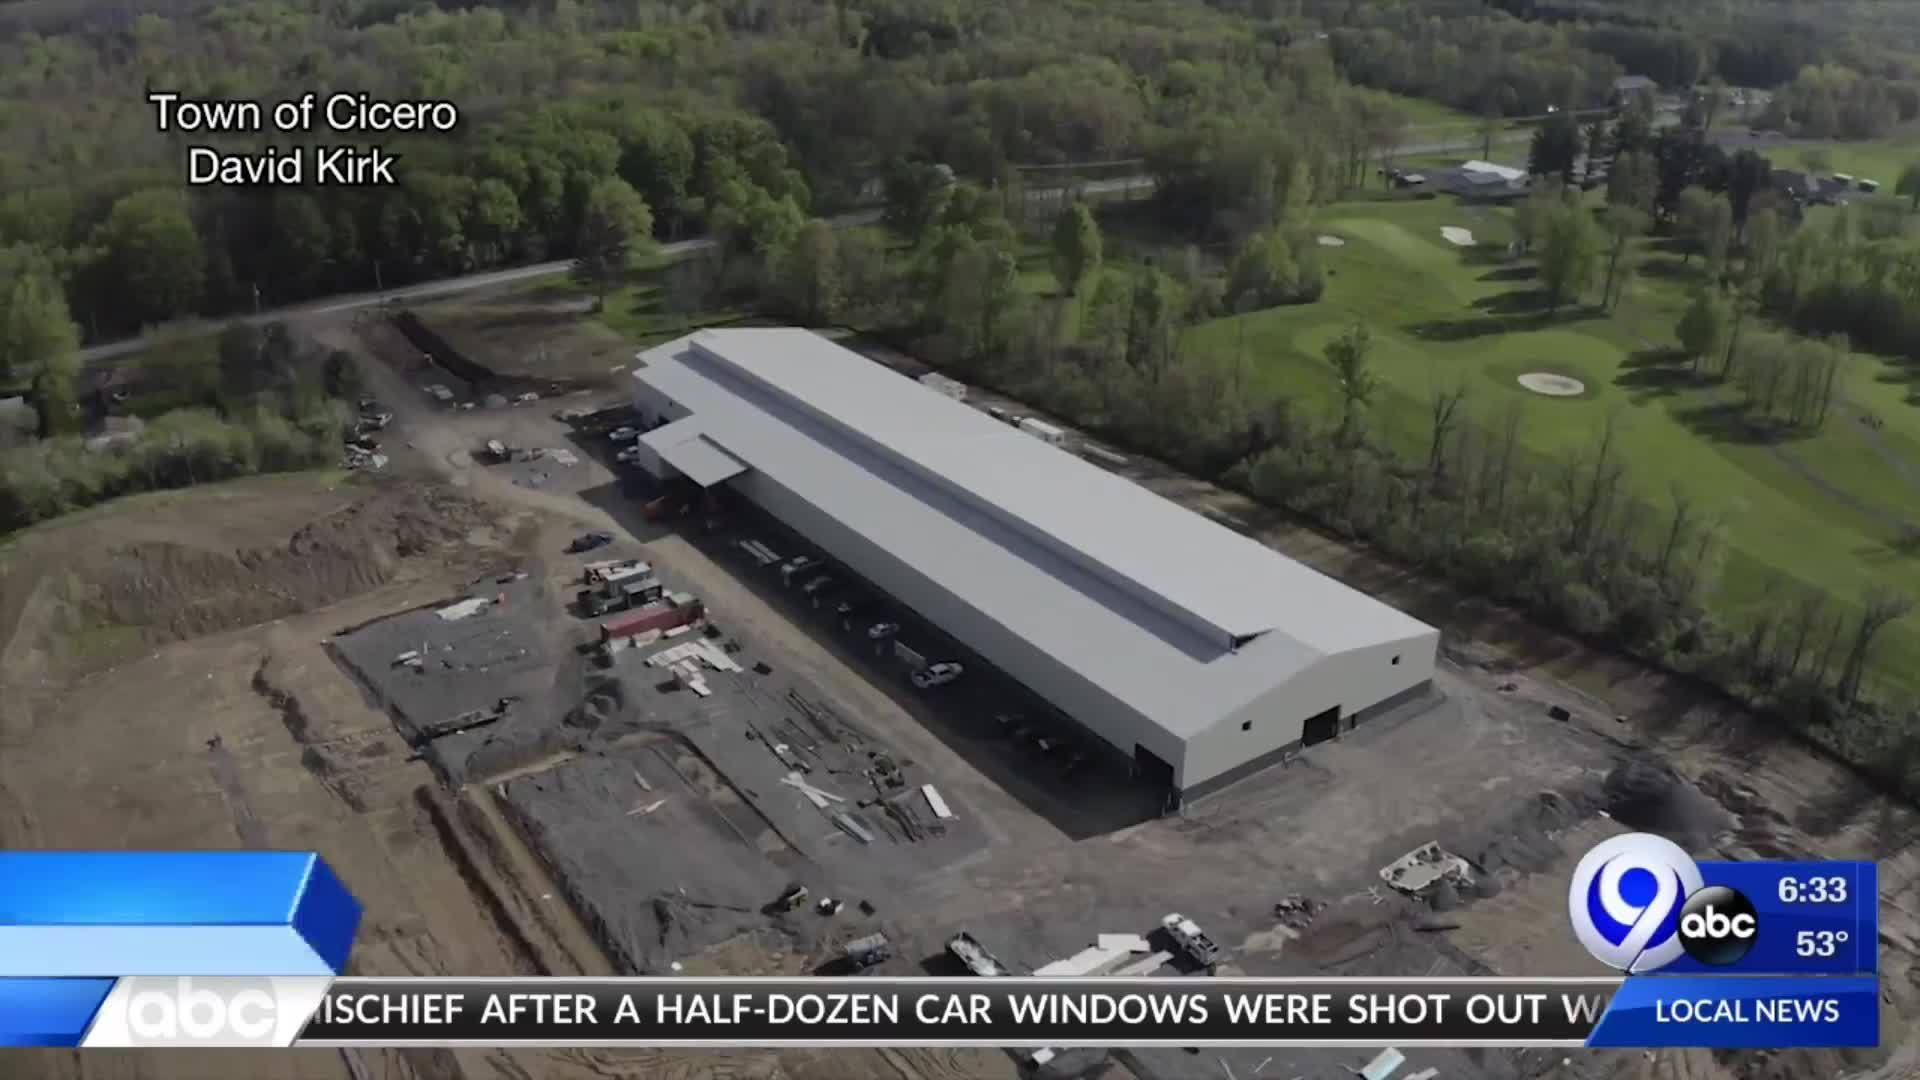 Drone_footage_shows_progress_of_Cicero_h_1_20190529131035